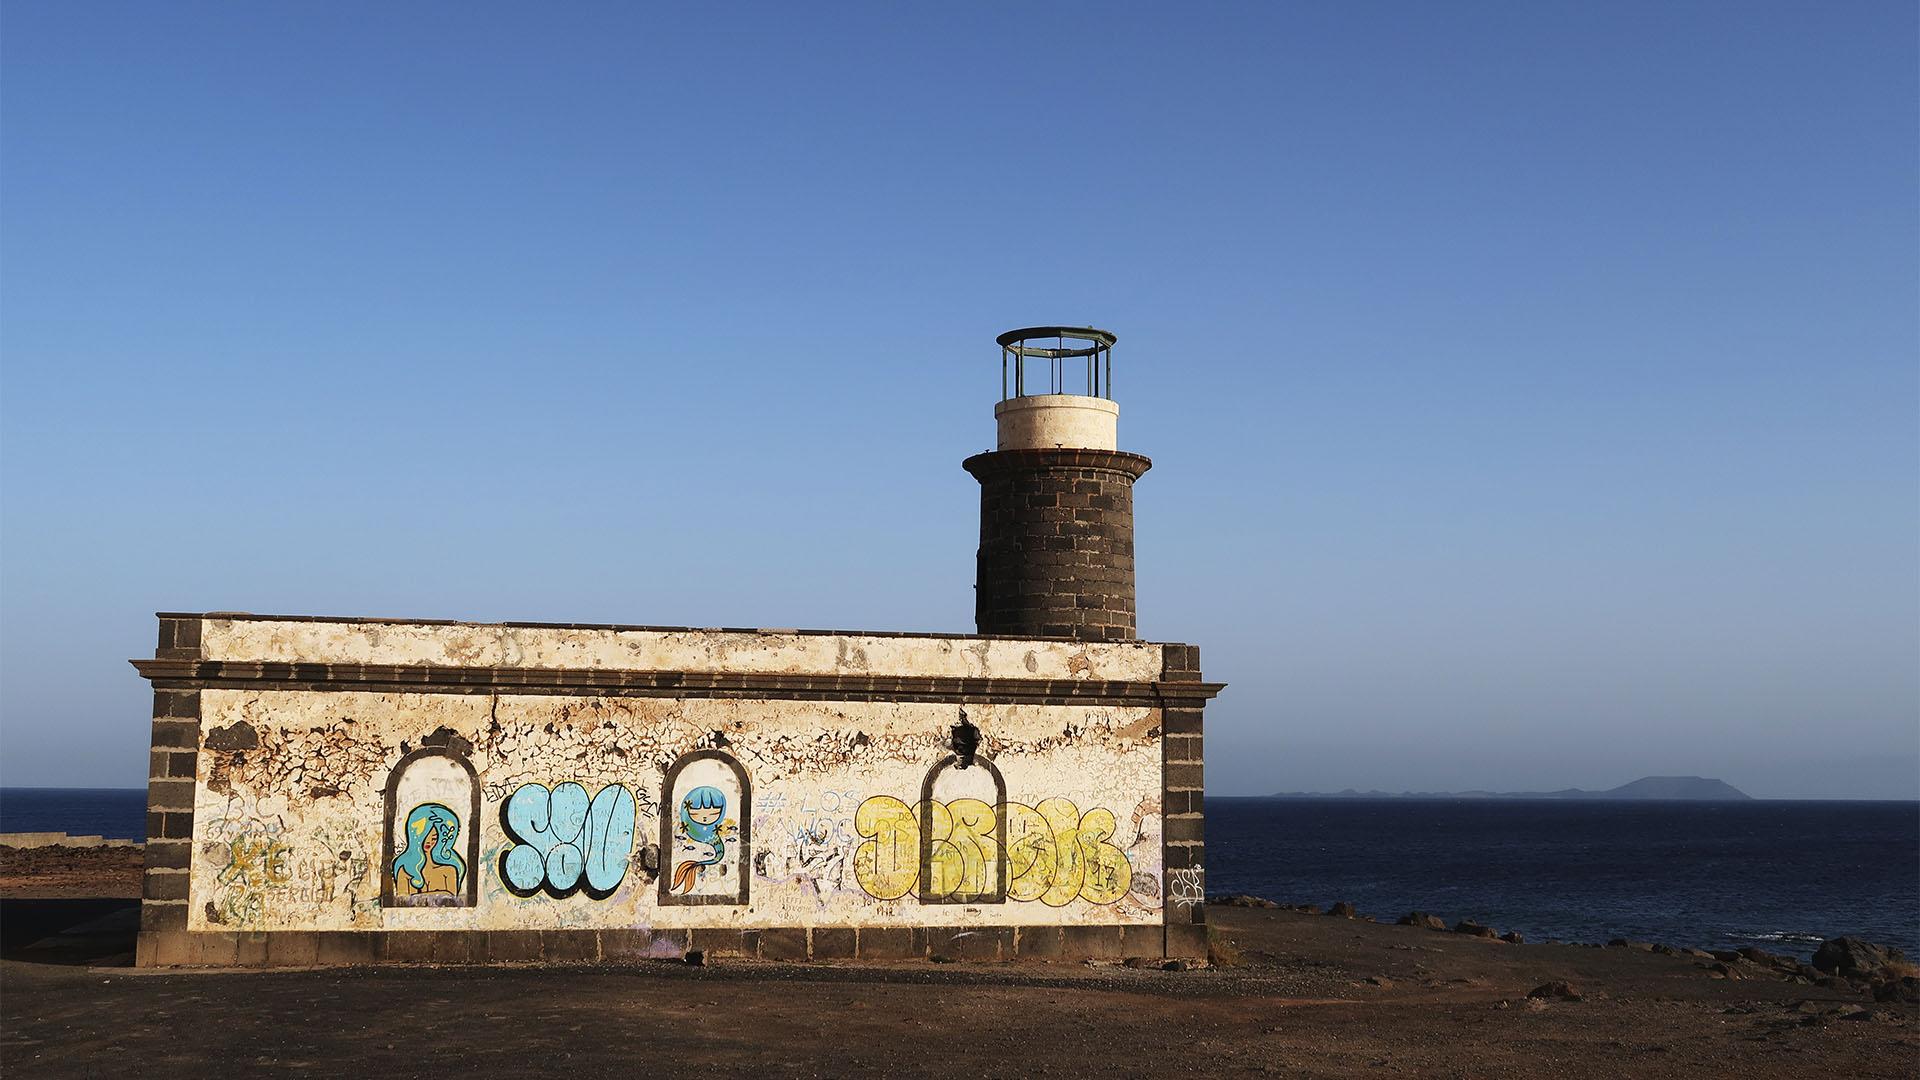 Der alte Leuchtturm Faro Punta de Pechiguera Lanzarote. Im Hintergrund zeichnet sich die Isla de Lobos ab.